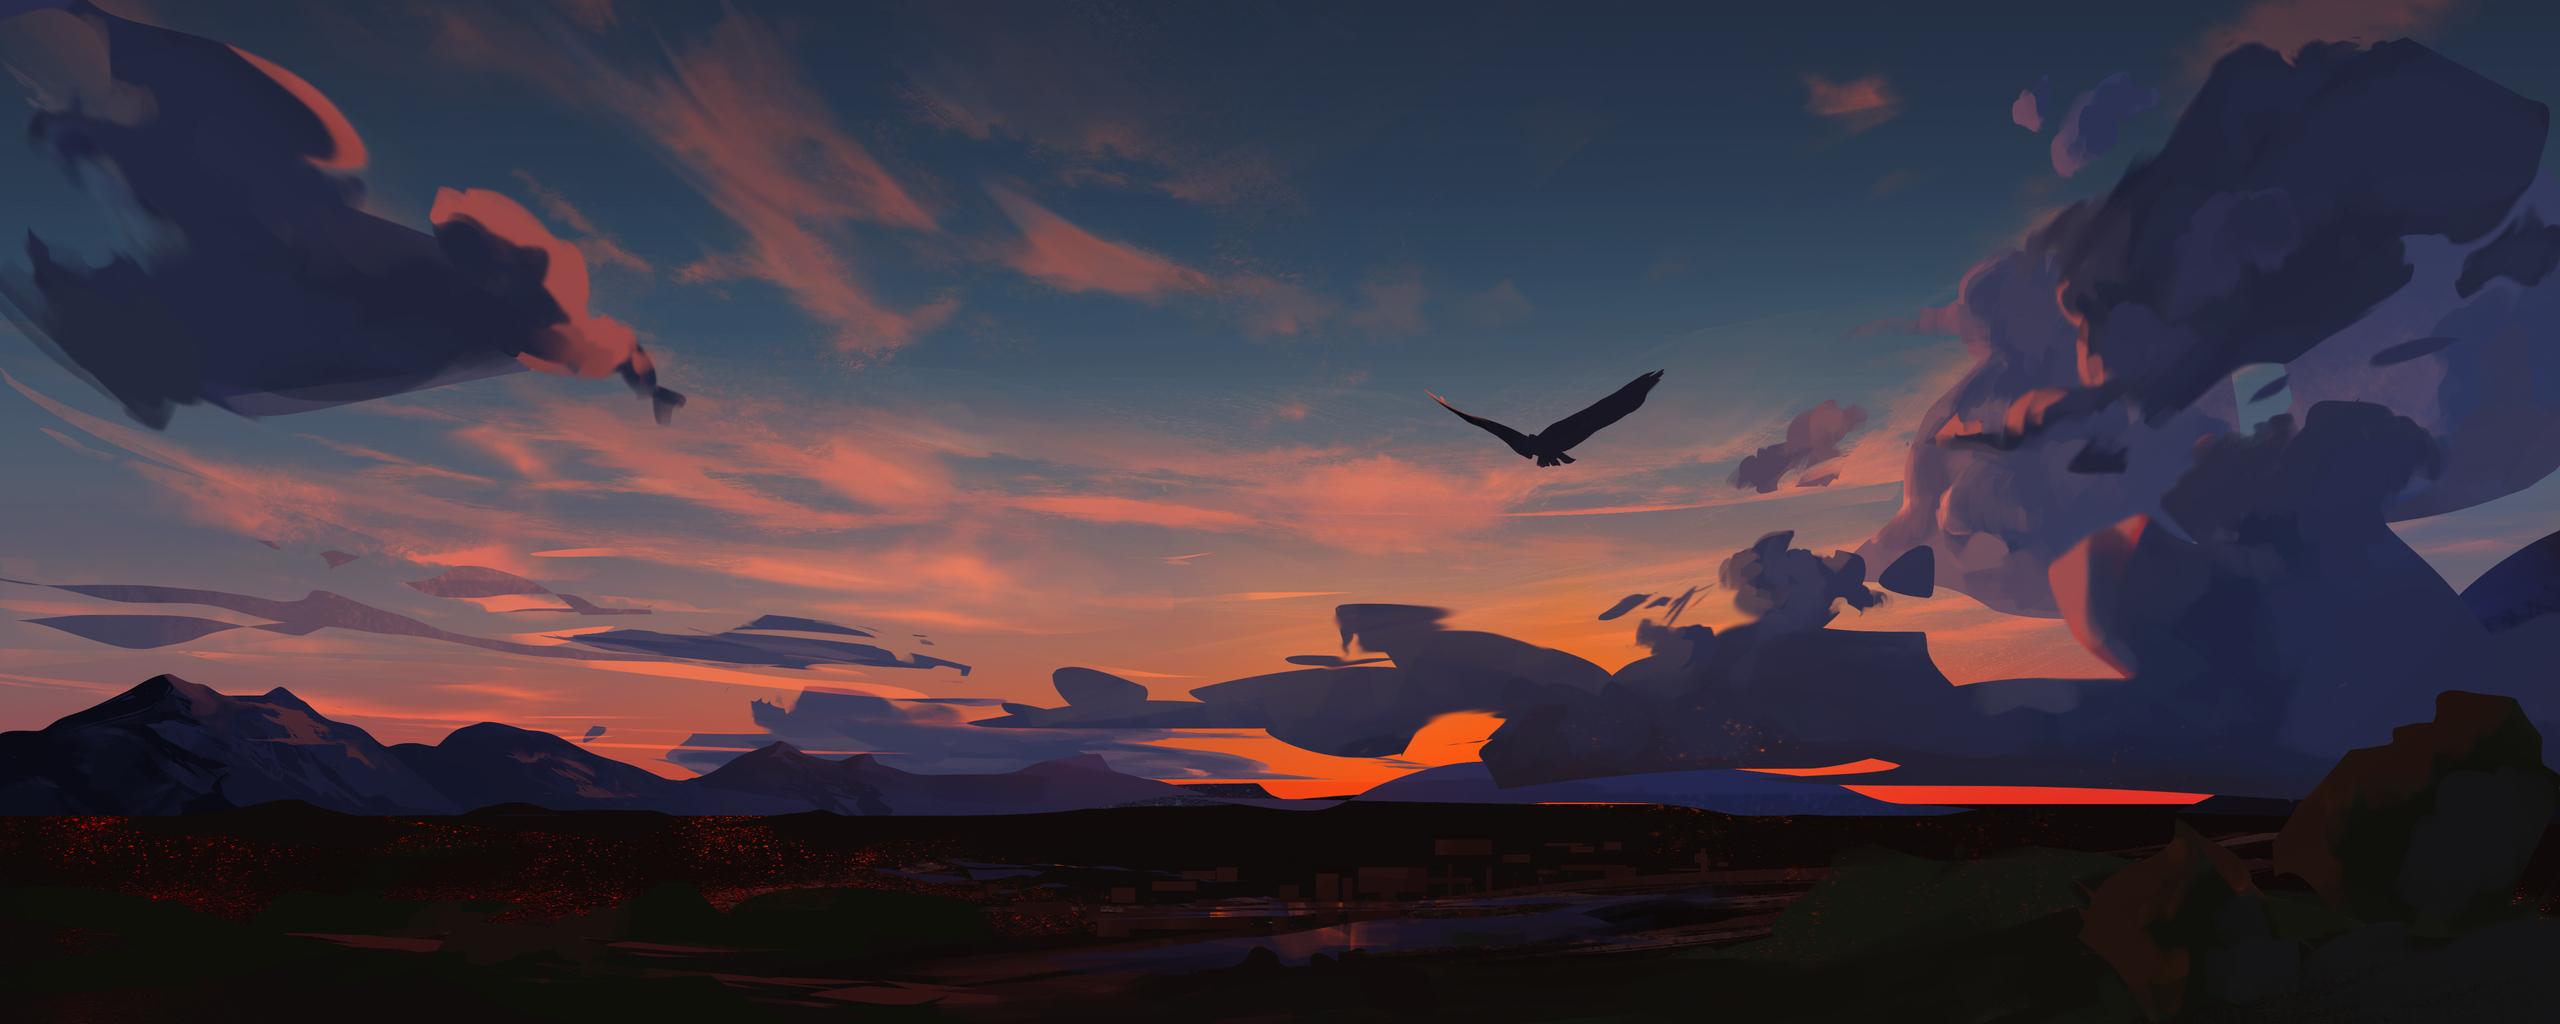 eagle-in-sky-5k-59.jpg